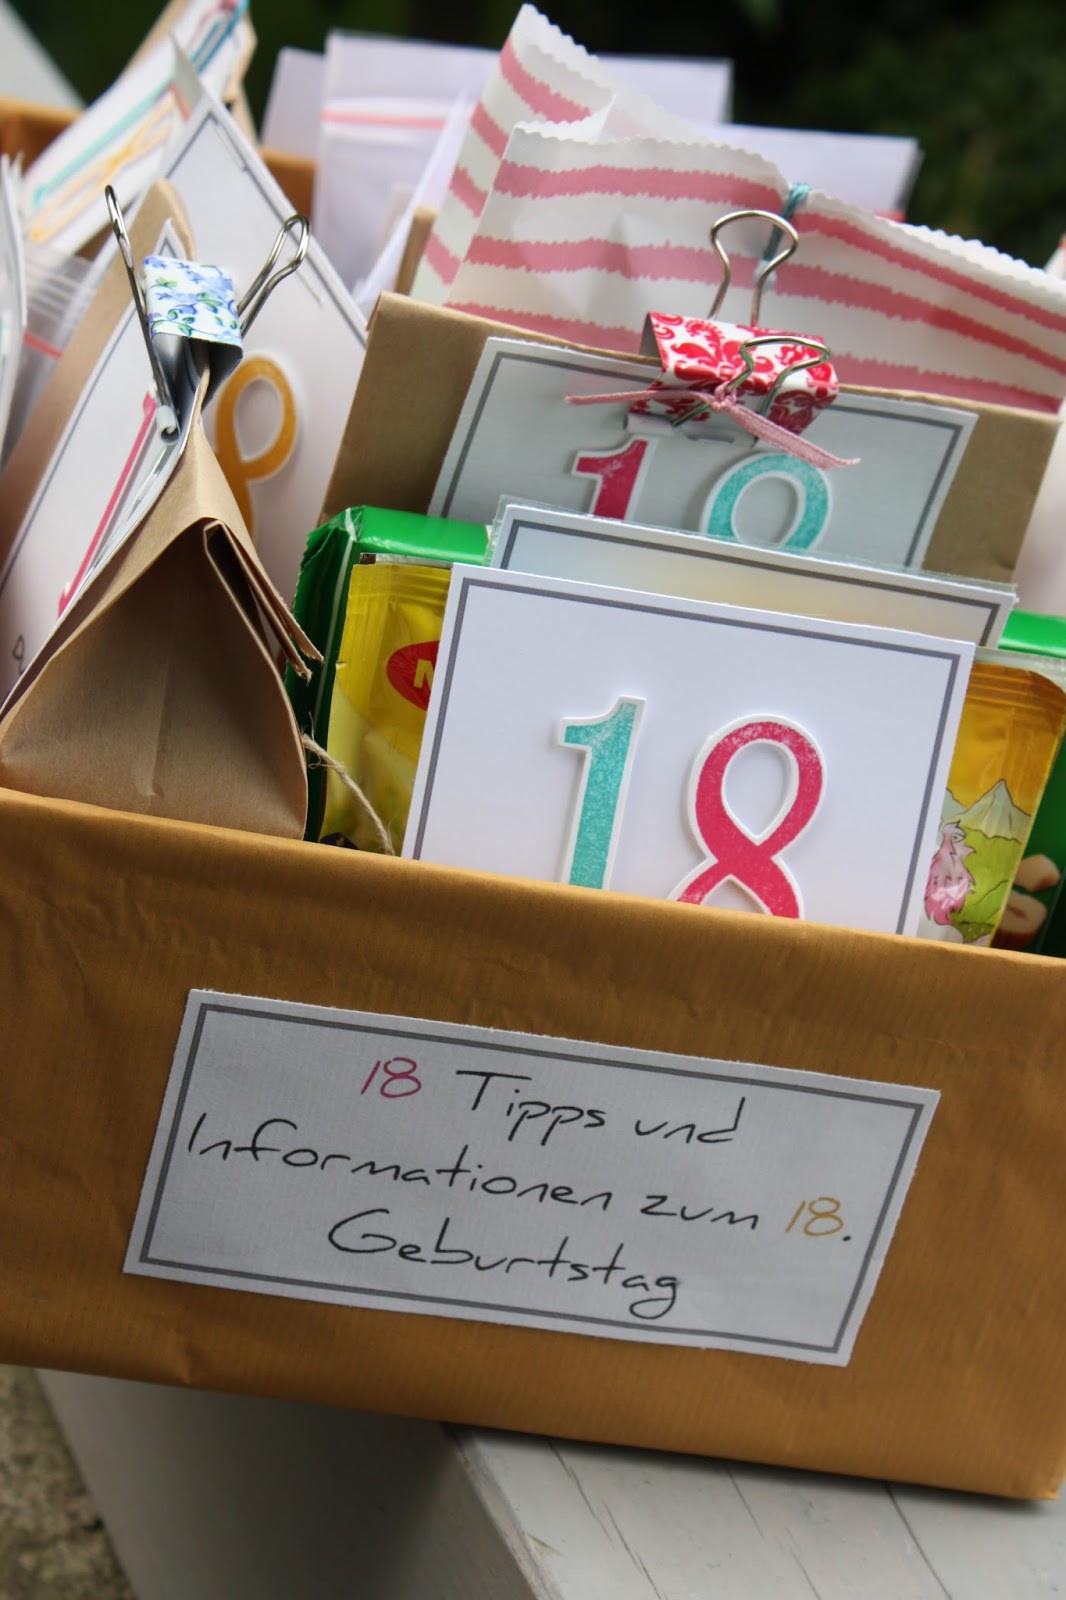 20 Ideen Für Geschenke Zum 18. Geburtstag tochter - Beste